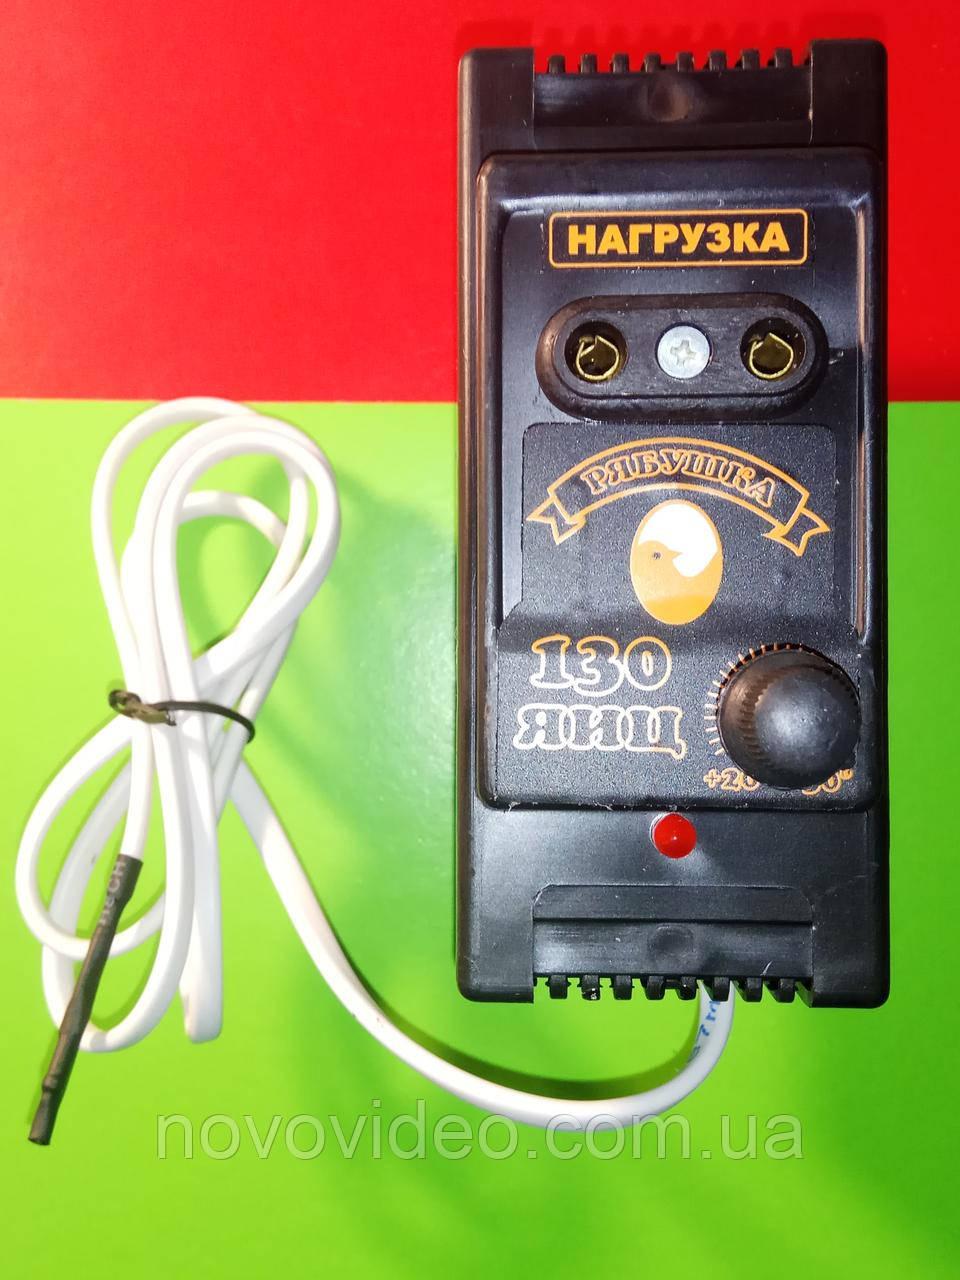 Терморегулятор  Рябушка-130 с ручной настройкой от +20 °С до +60